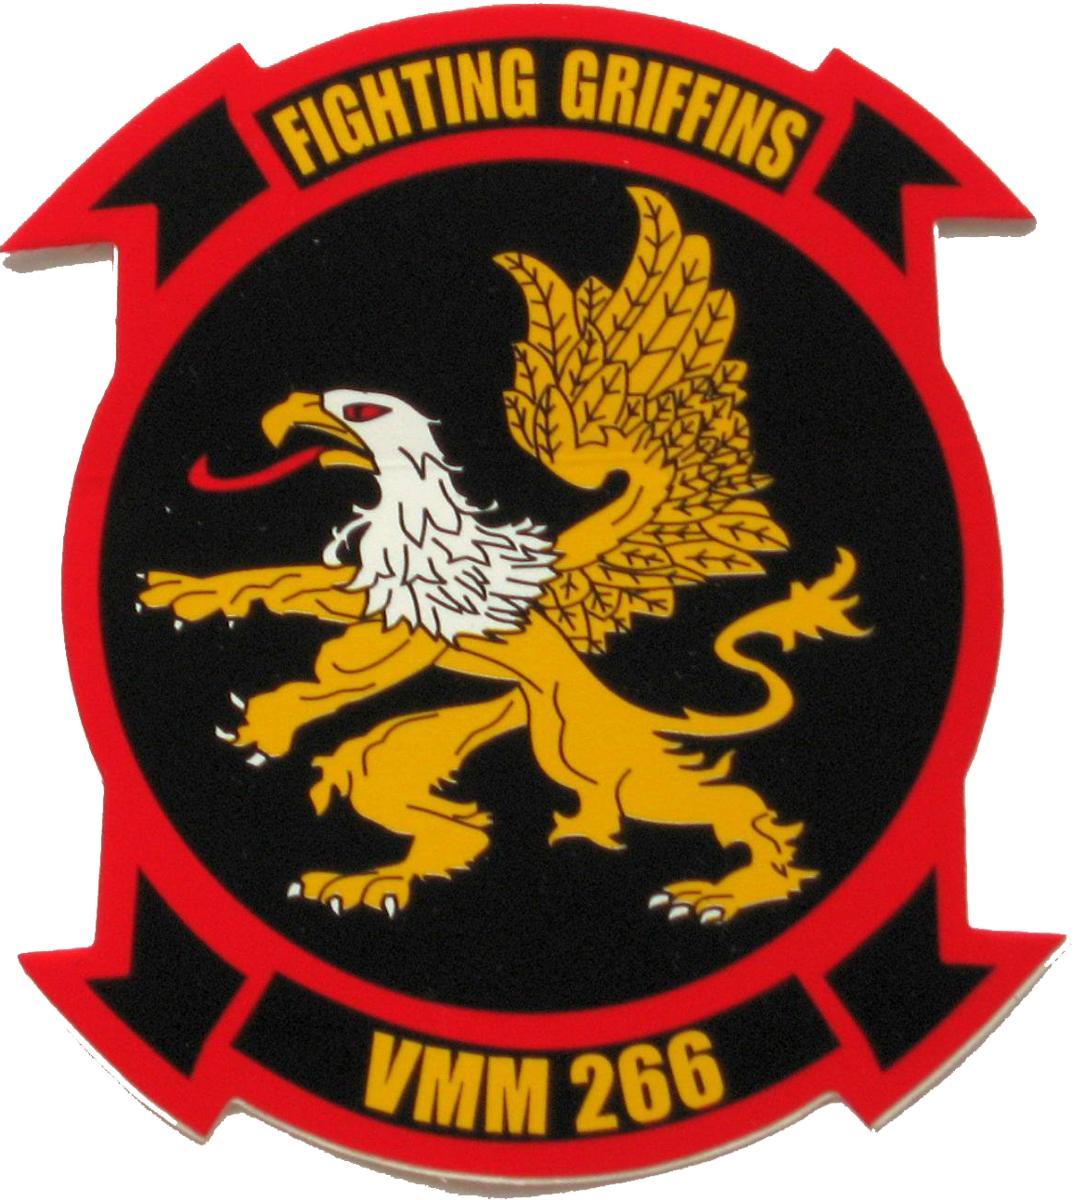 Unit 266